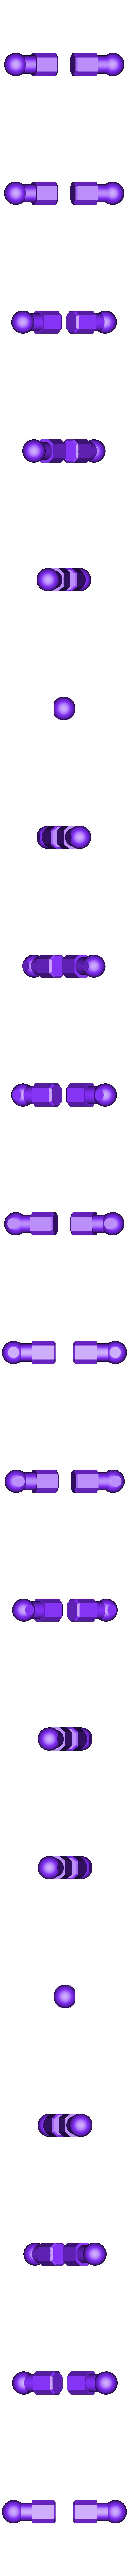 5_Brawn_Body2_Shouldersjoint_BLACK.stl Download free STL file G1 Transformers Brawn • 3D printer object, Toymakr3D